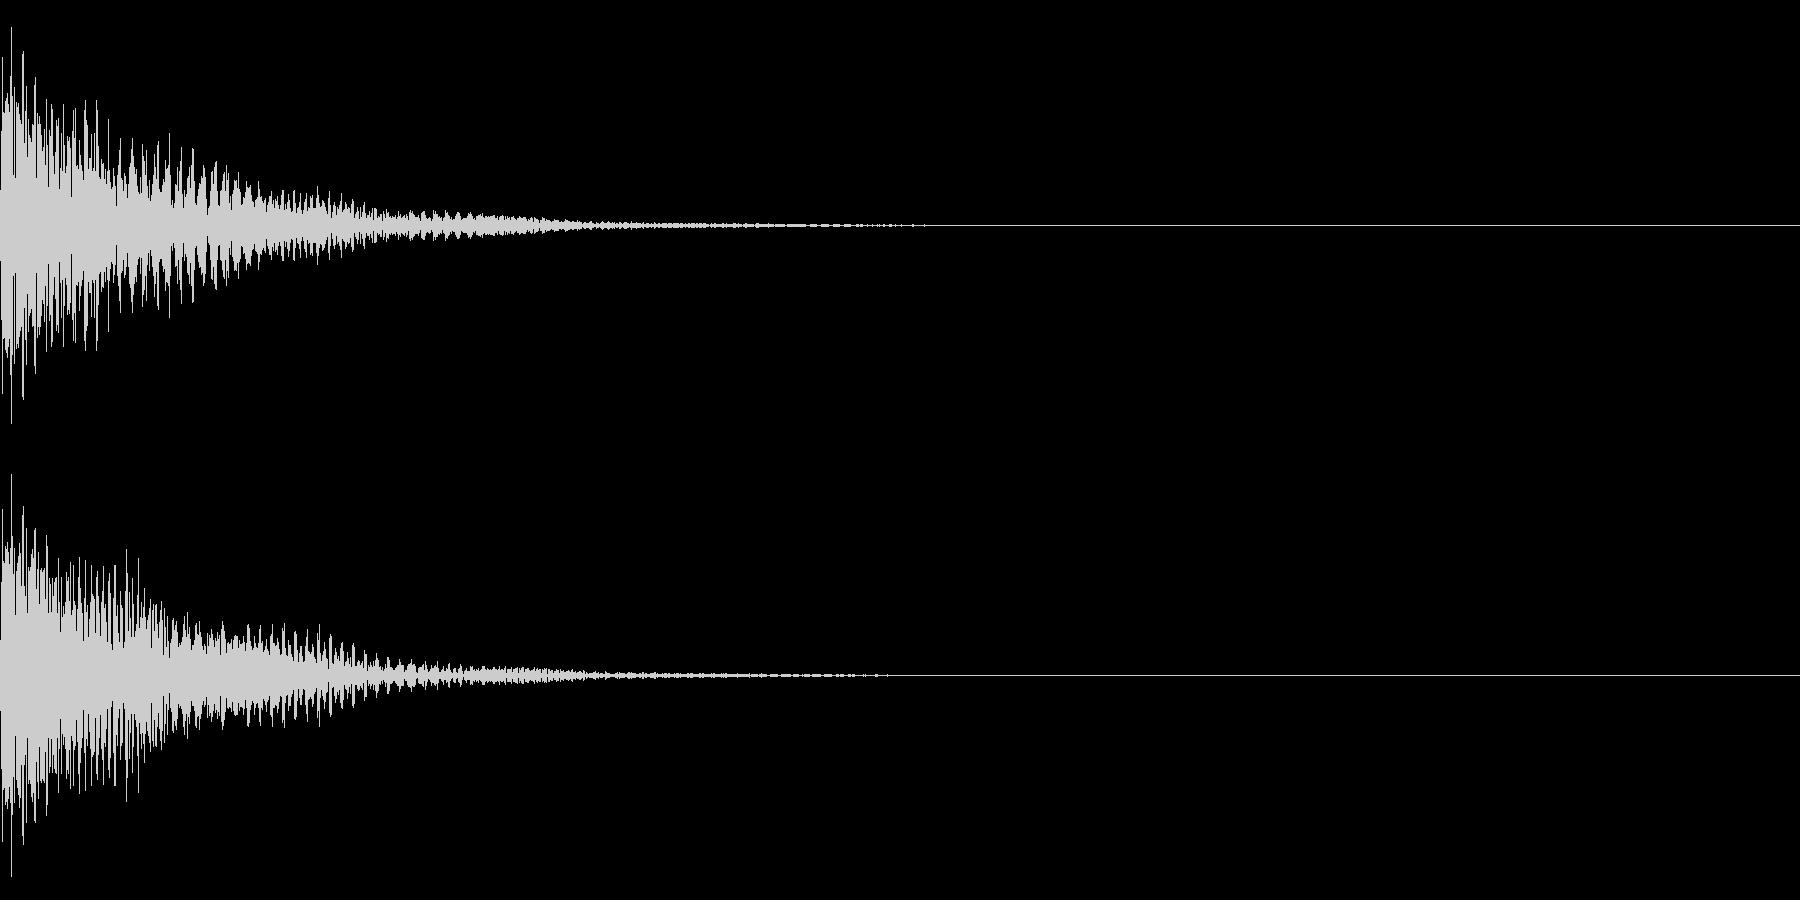 ソフトな衝撃音 エレクトリック 『ゴン』の未再生の波形